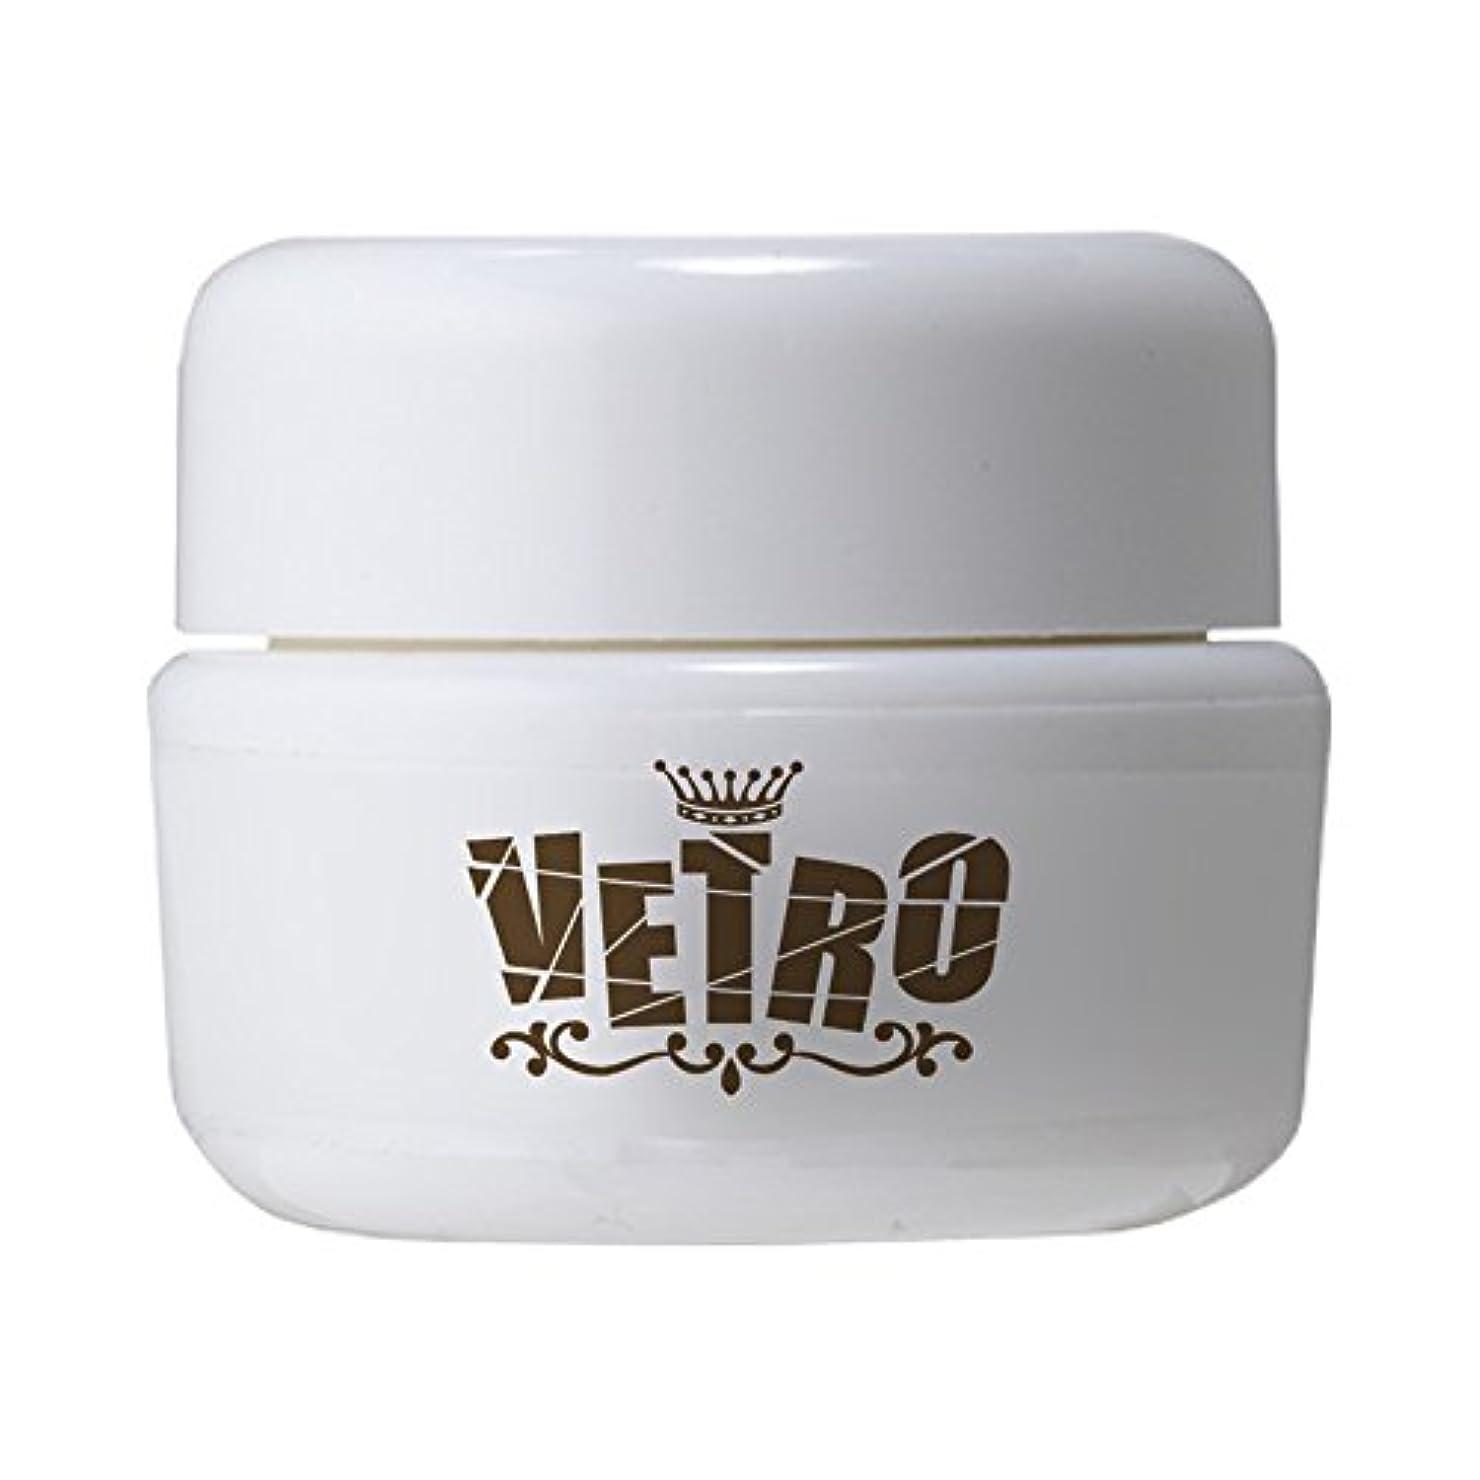 シンプルな膨張する退化するVETRO No.19 カラージェル シアー VL330 ザ?ワインバス 4ml